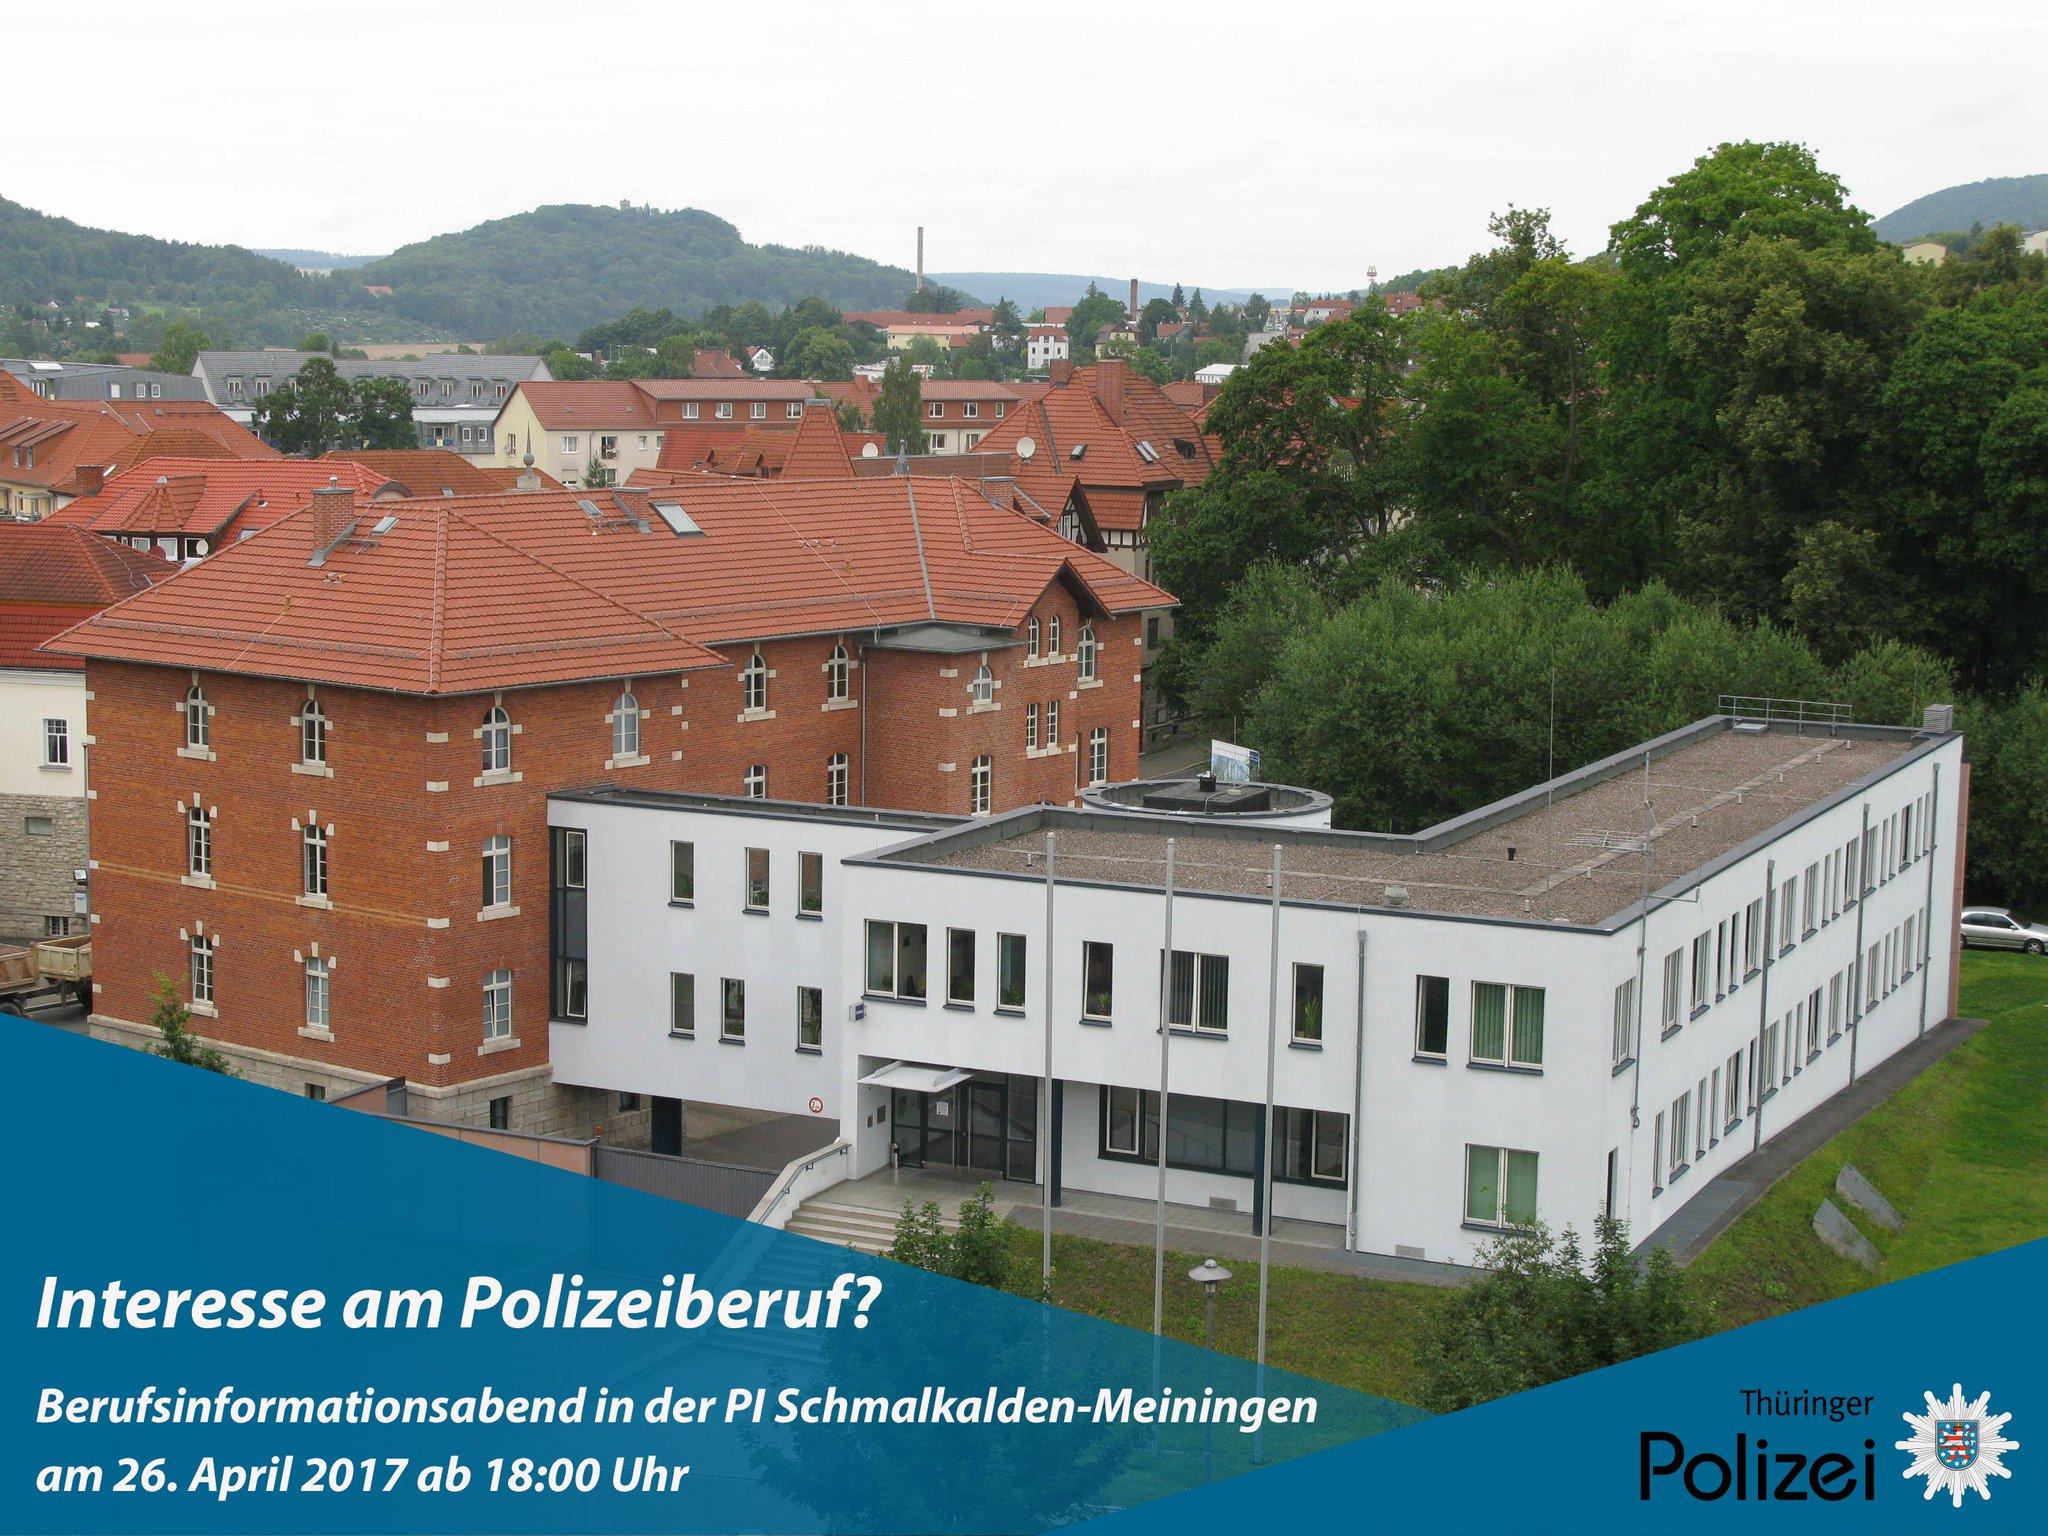 Voraussetzungen Polizei Polizei Brandenburg Bewerbung Polizei